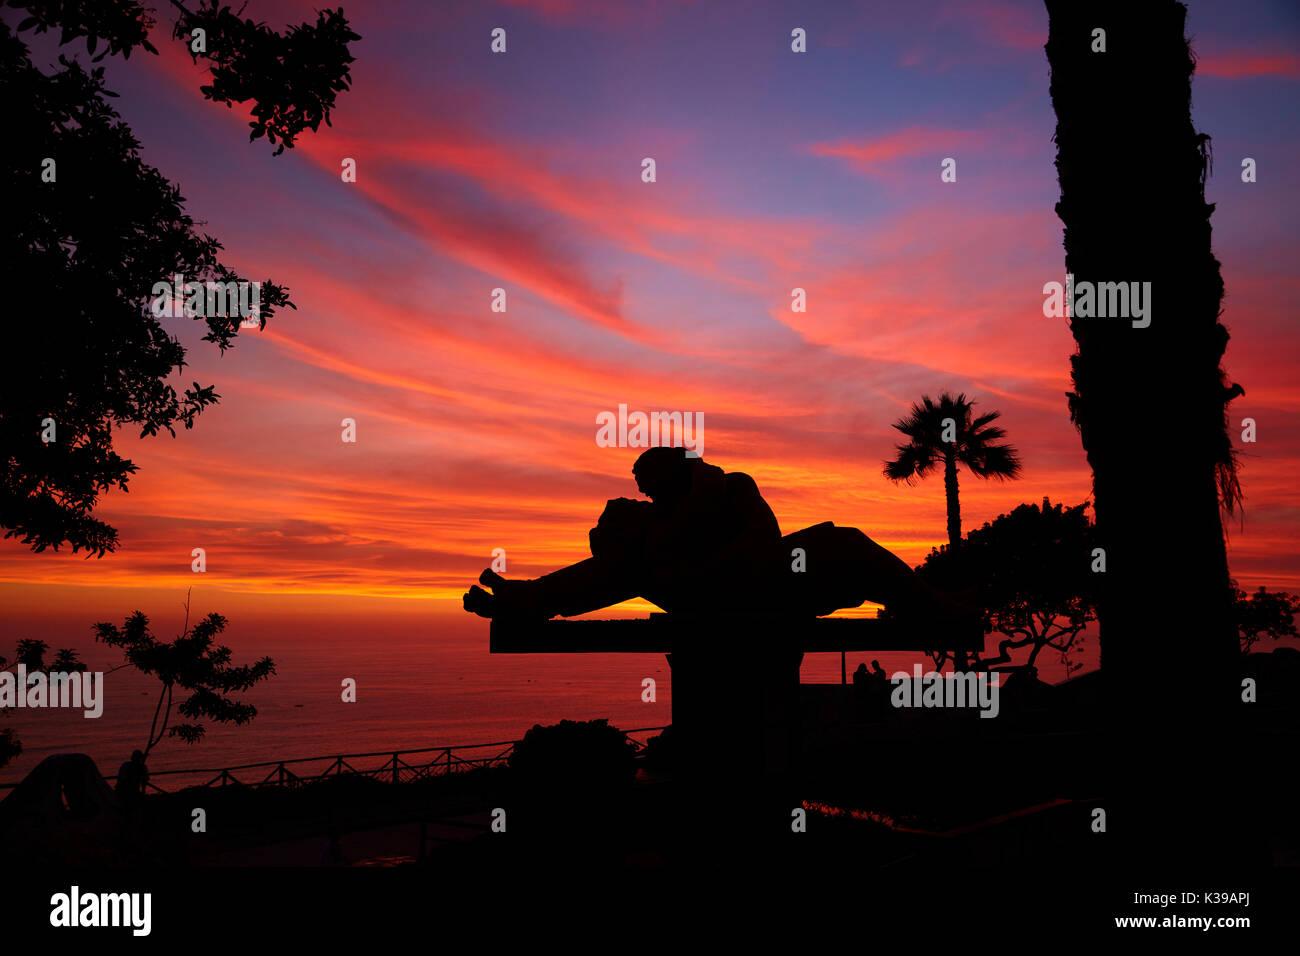 El Beso (El beso) estatua de Víctor Delfín y la puesta de sol sobre el Océano Pacífico, el Parque del Amor (Parque del Amor), Miraflores, Lima, Perú, América del Sur Imagen De Stock